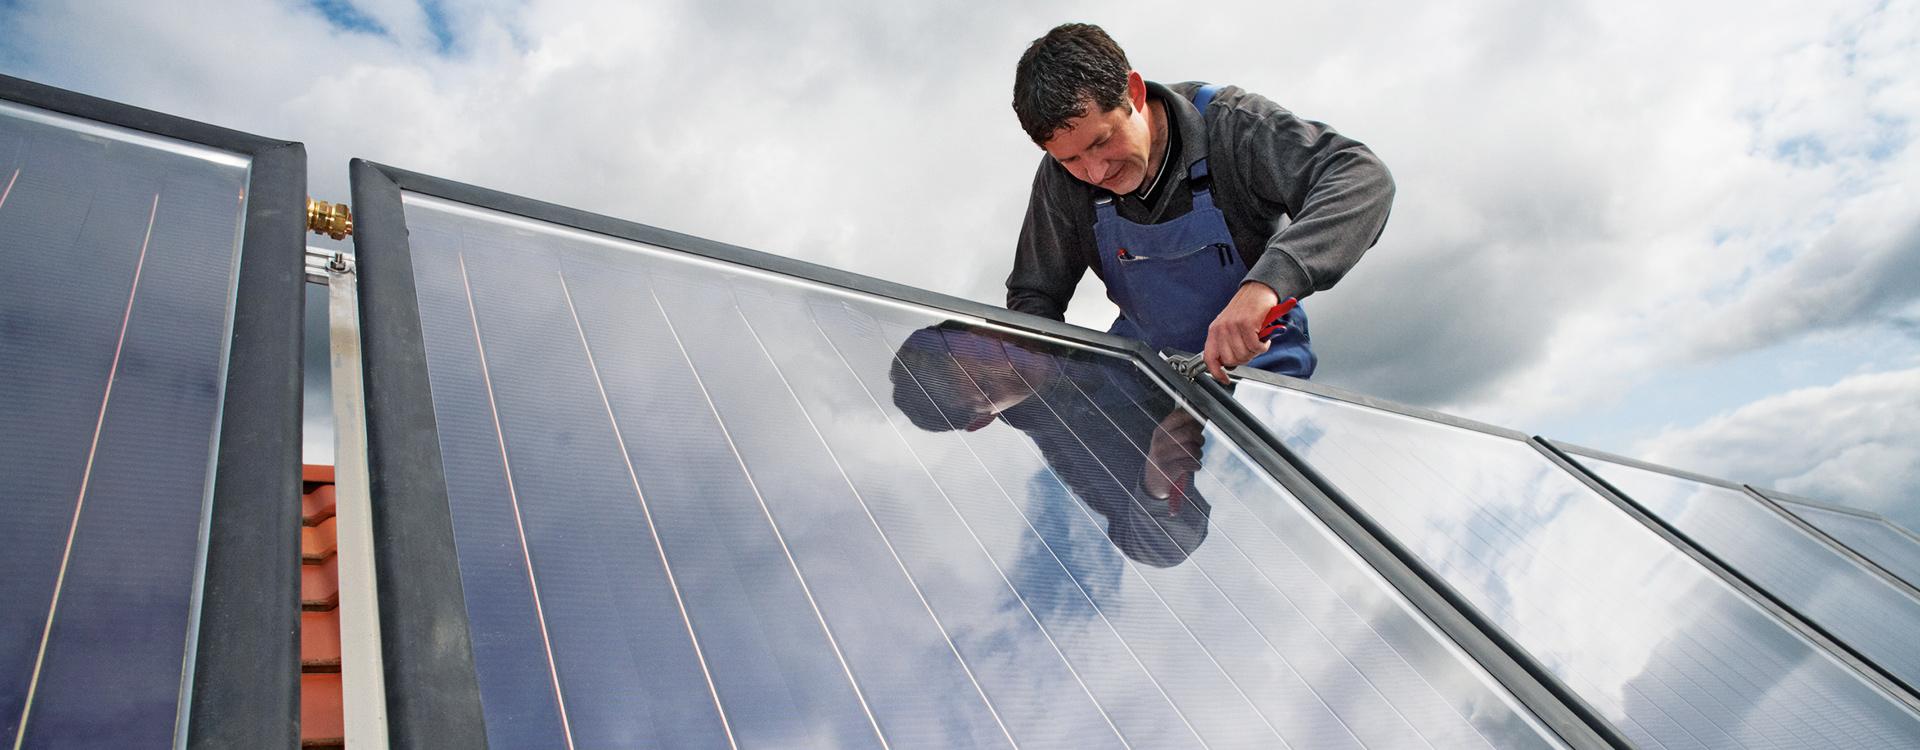 Stefan-Stolze-Heizungs-und-Sanitartechnik-Gmbh-Ihr-Klempner-in-Ahrensburg-solar-installation